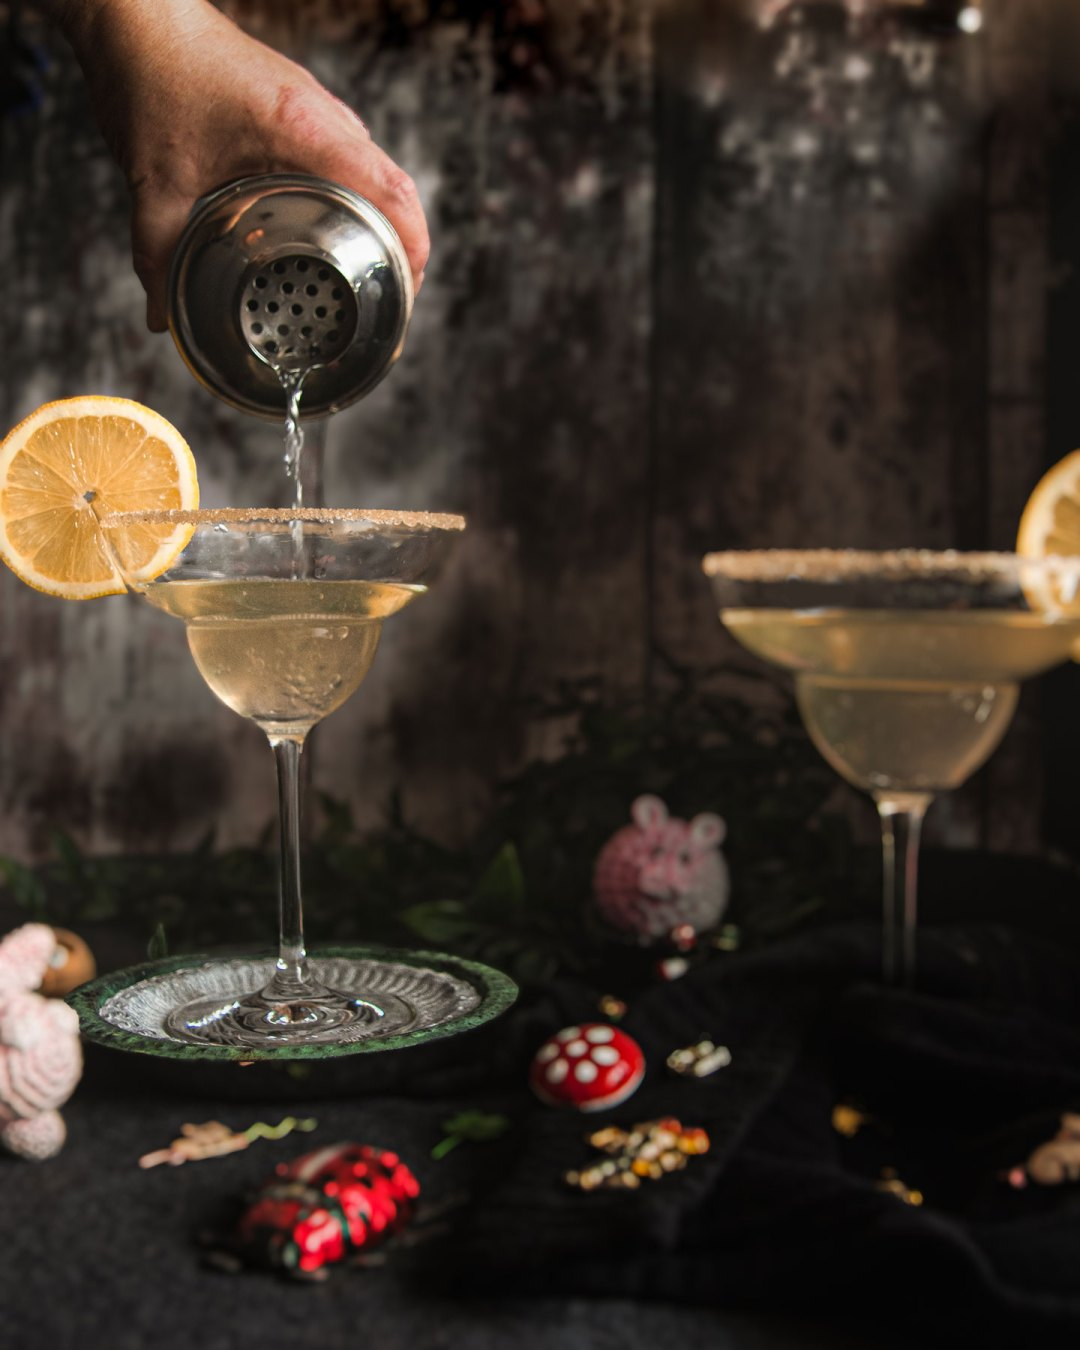 Cocktailglas in dem ein French 75 eingeschenkt wird